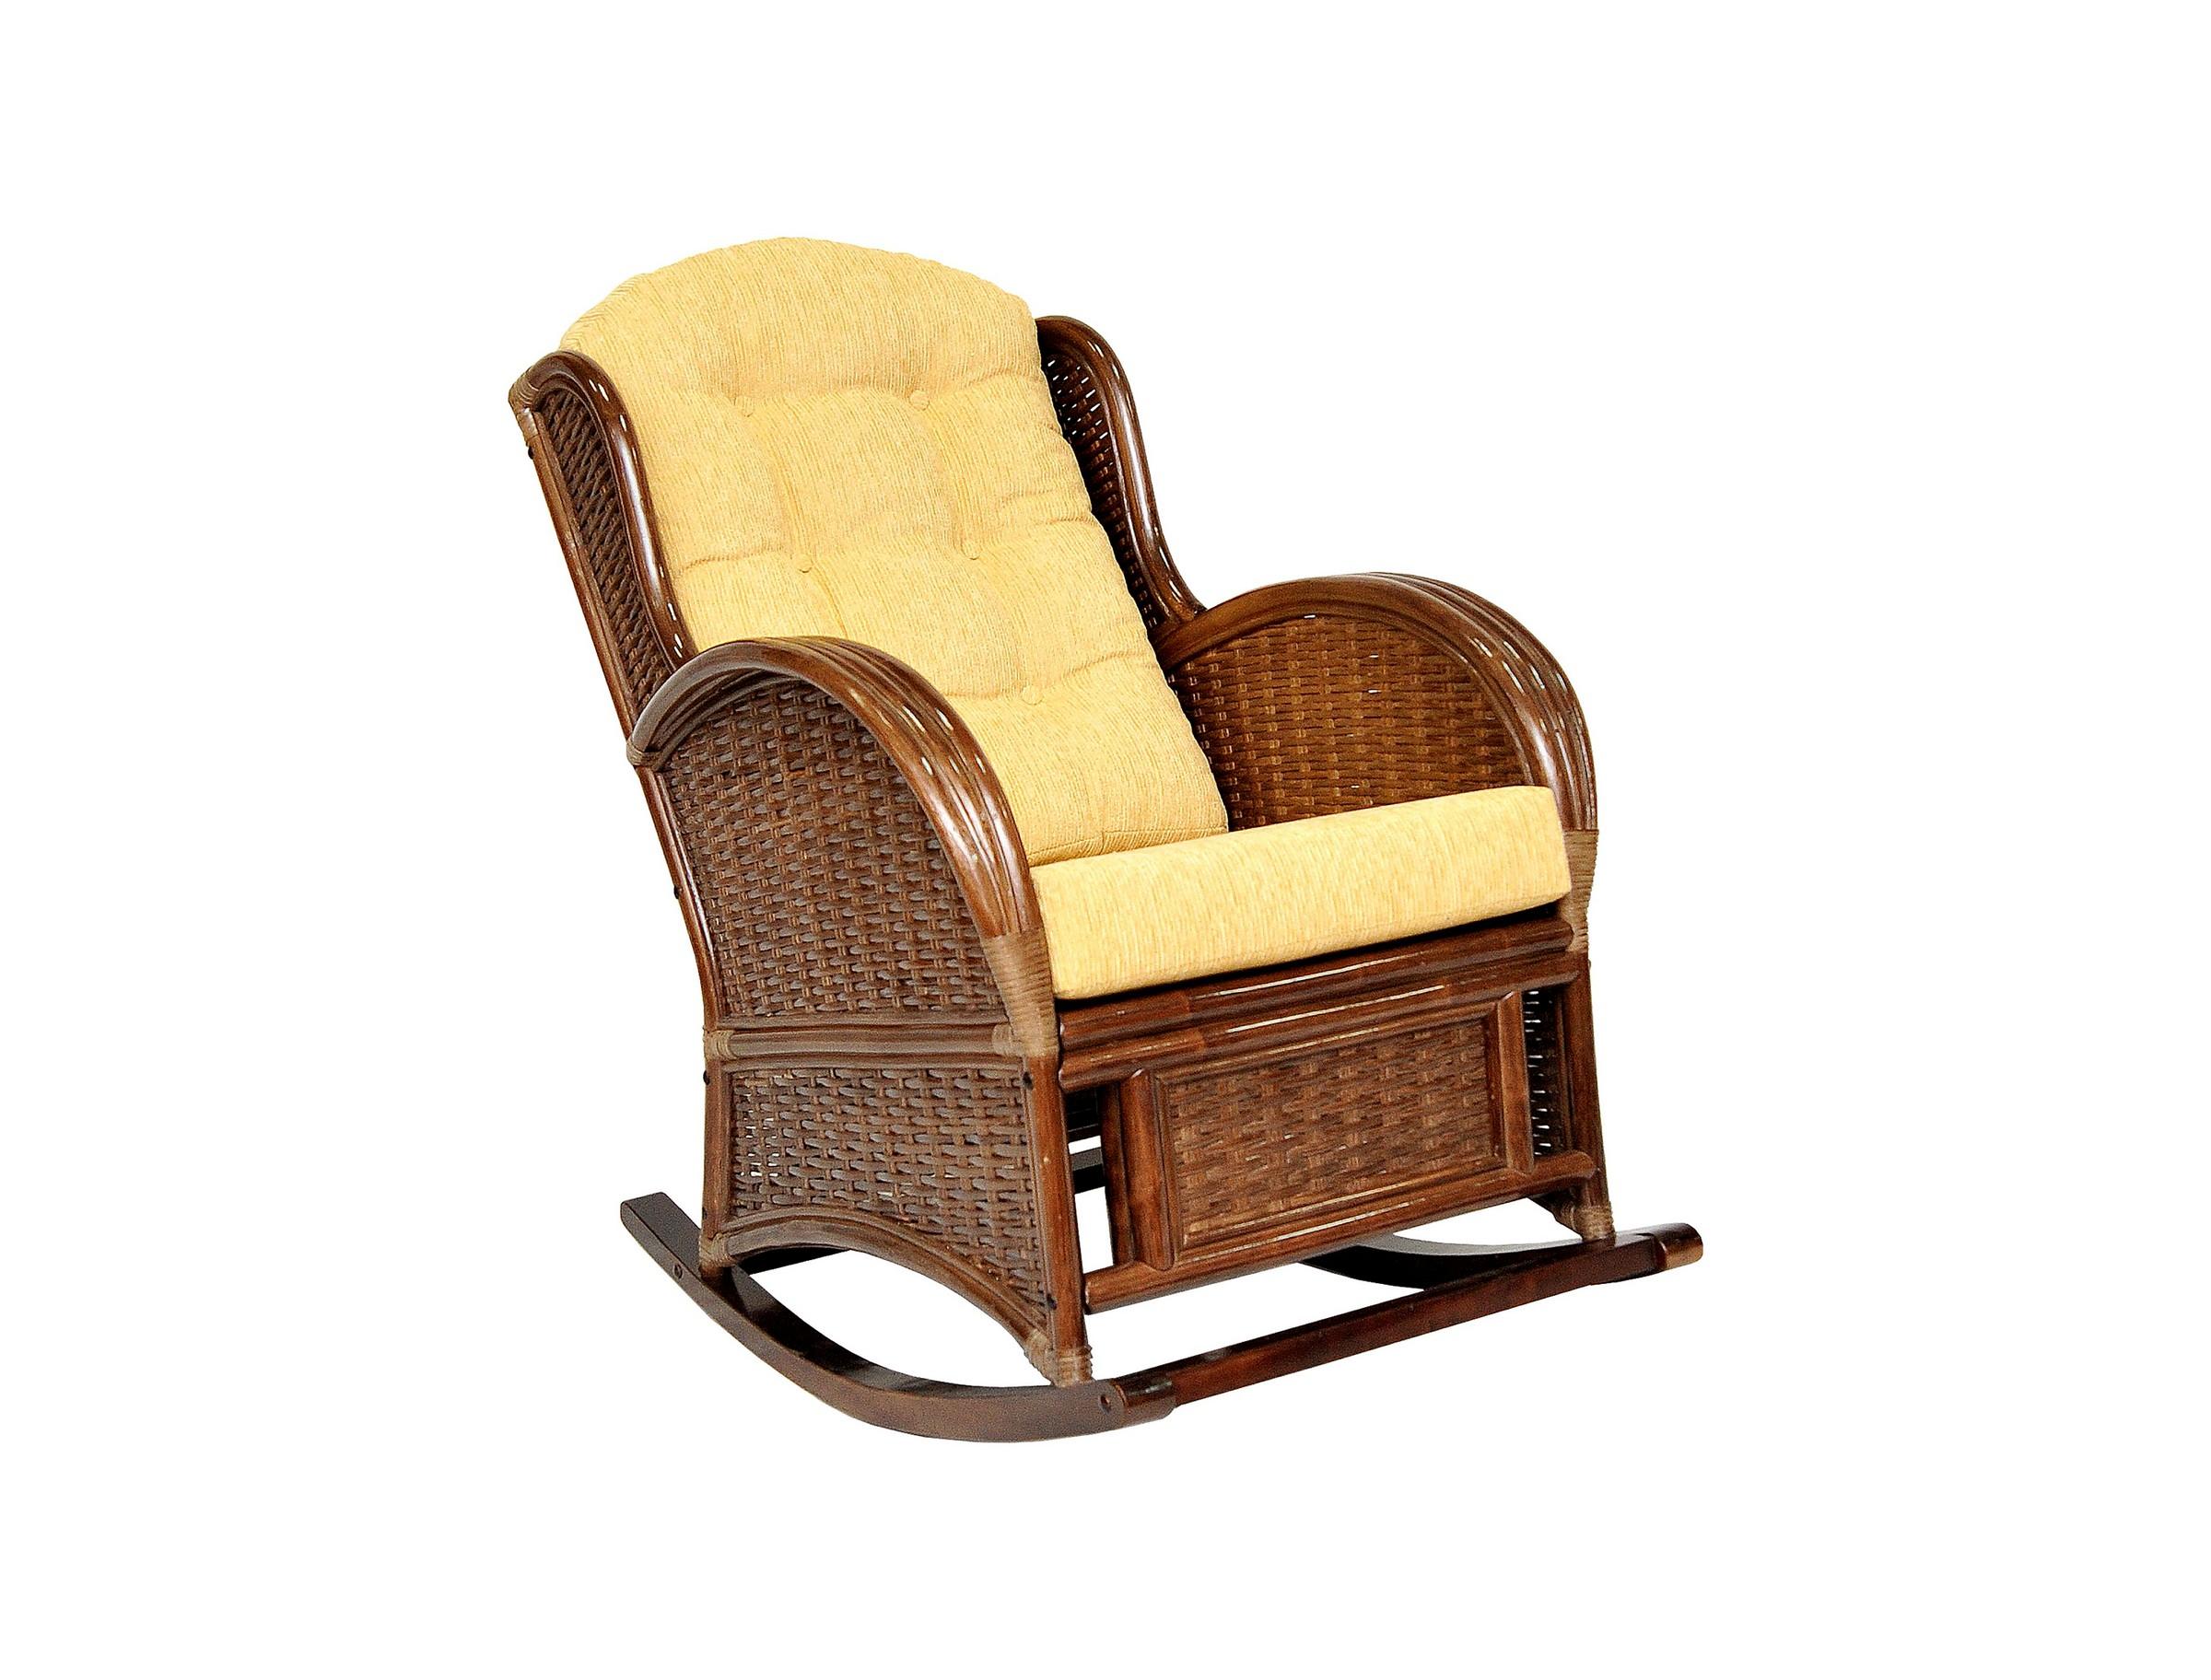 Кресло-качалка Wing-RКресла-качалки<br>Подлокотники кресла выполнены из соединенных между собой трех стволов ротанга. Боковины и спинку украшает оригинальное плетение из расщепленного ротанга.&amp;amp;nbsp; &amp;lt;div&amp;gt;&amp;lt;br&amp;gt;&amp;lt;/div&amp;gt;&amp;lt;div&amp;gt;Цвет: браун (коричневый)&amp;lt;/div&amp;gt;&amp;lt;div&amp;gt;Материал подушки: шенилл&amp;lt;/div&amp;gt;&amp;lt;div&amp;gt;Вес, кг:  19&amp;lt;/div&amp;gt;&amp;lt;div&amp;gt;Особенности:  сборно-разборная, полозья – дерево махагони&amp;lt;/div&amp;gt;&amp;lt;div&amp;gt;Выдерживаемая нагрузка, кг:  120&amp;lt;/div&amp;gt;<br><br>Material: Ротанг<br>Width см: 74<br>Depth см: 110<br>Height см: 102